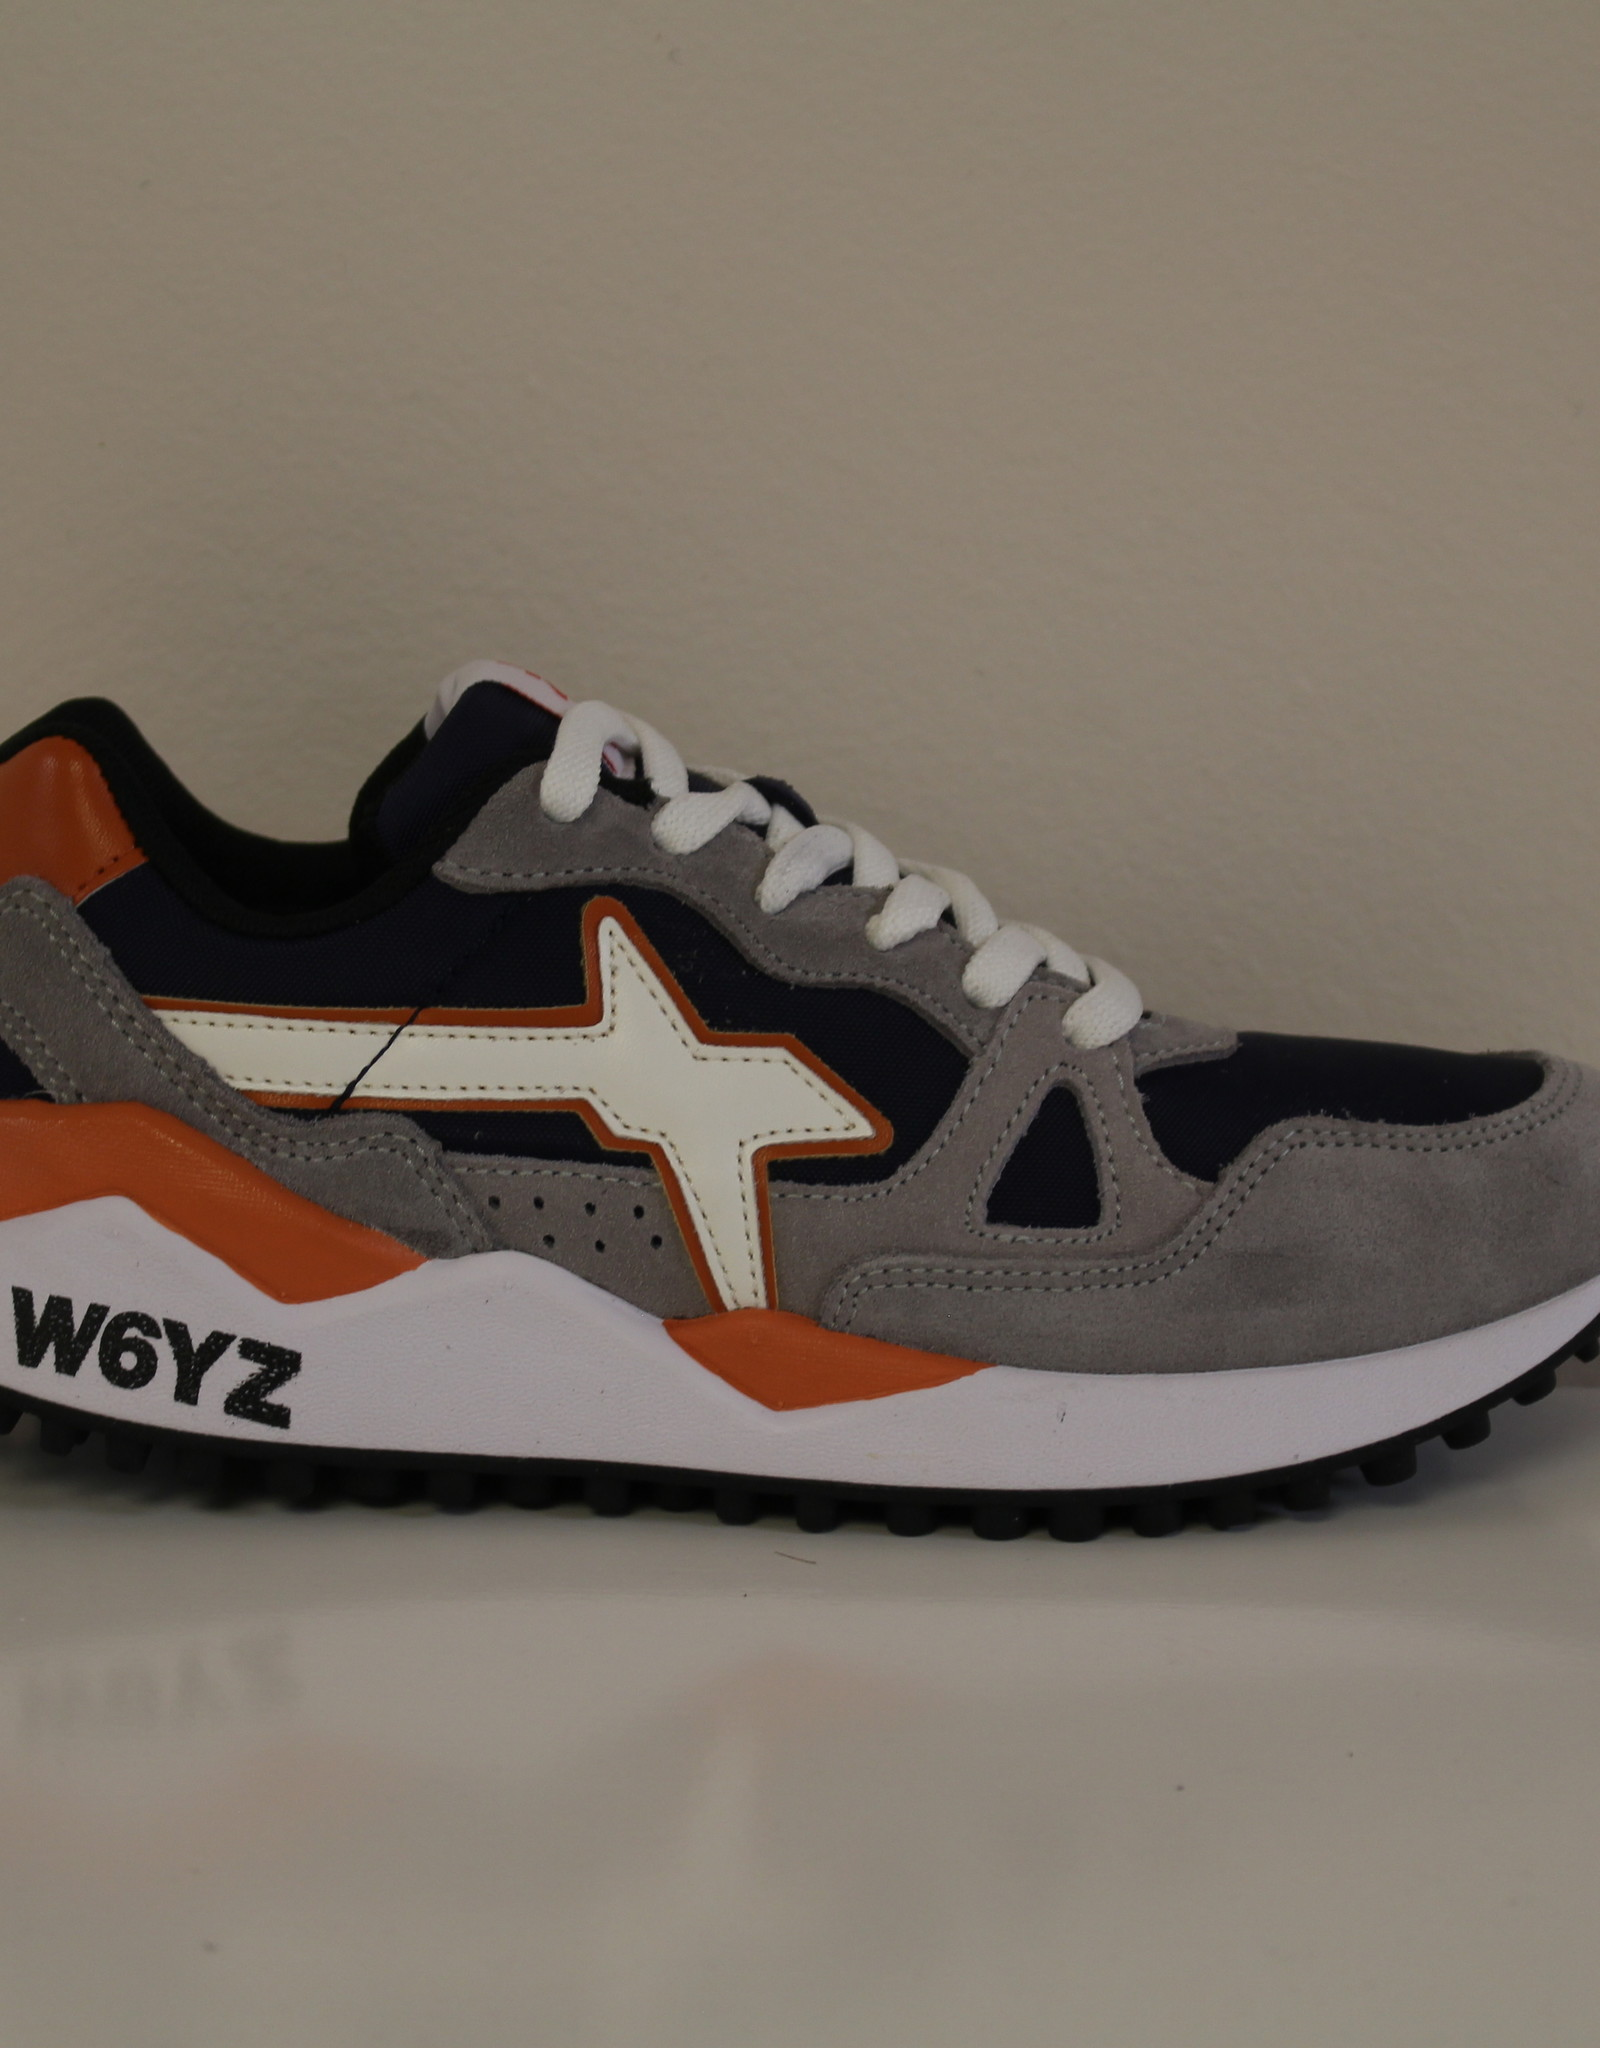 W6YZ wolf velour/cordura piombo-navy-arancio-bianco